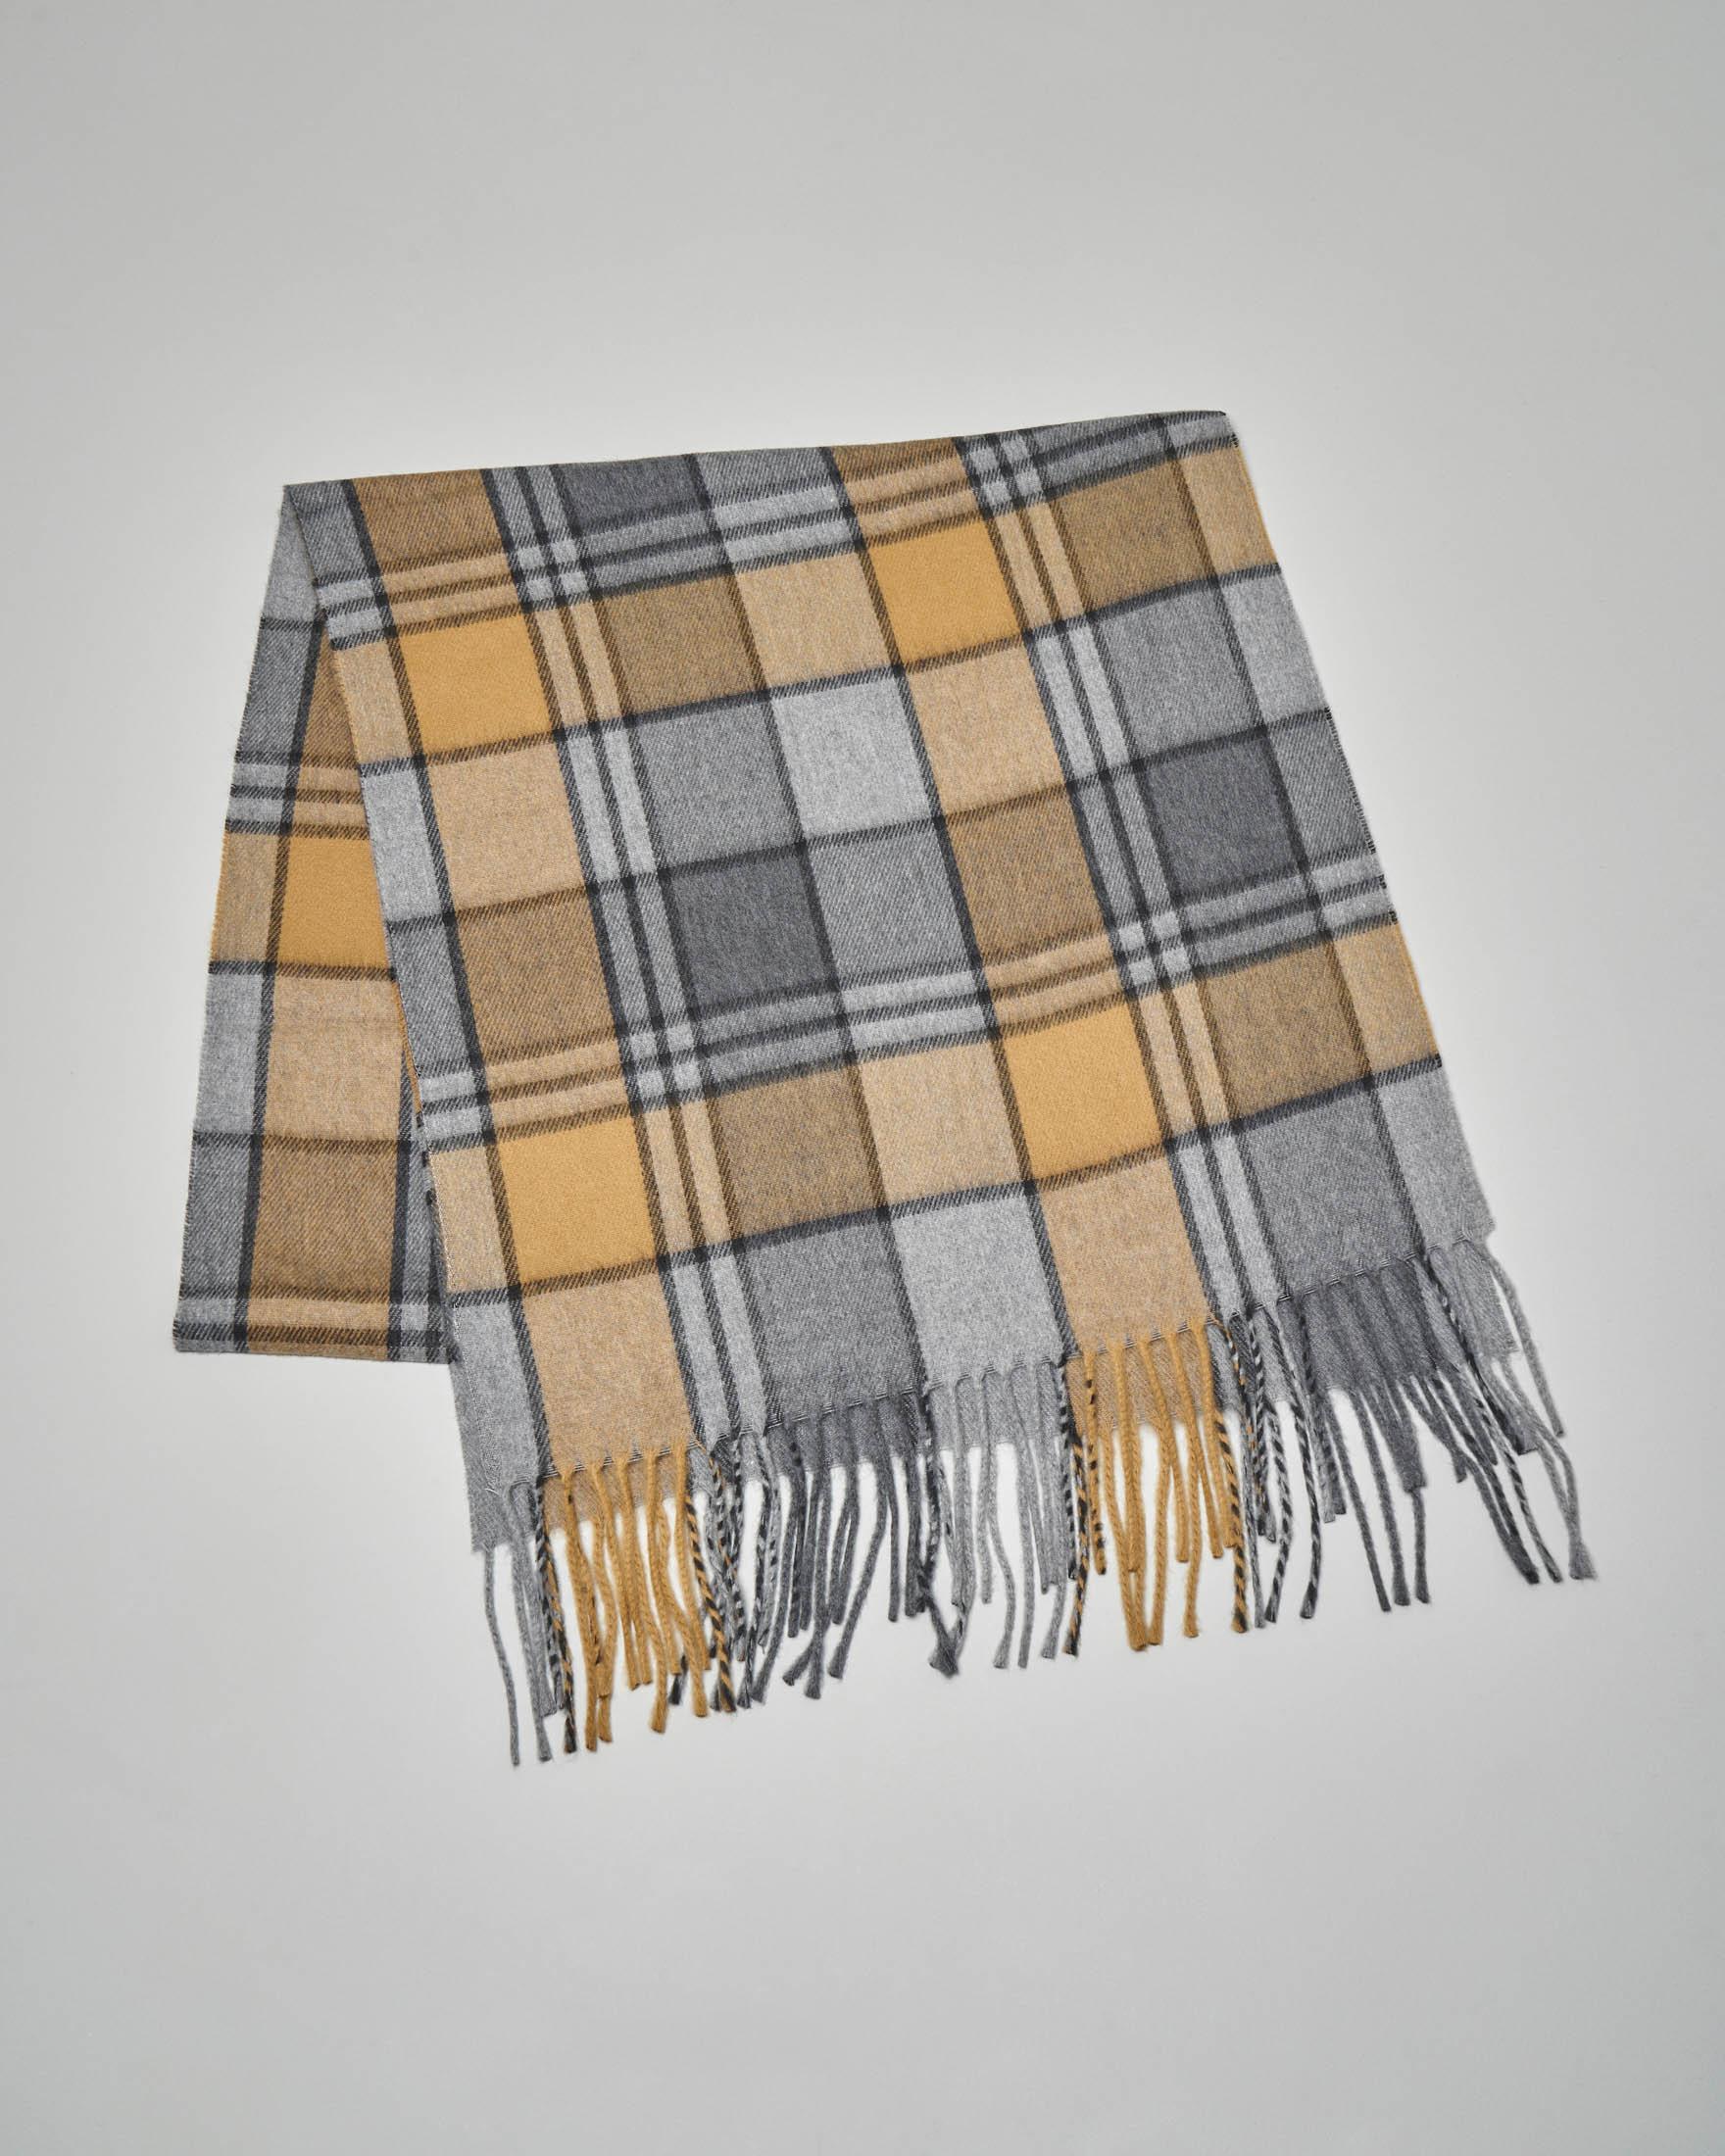 Sciarpa in lana fantasia check colore grigio e senape